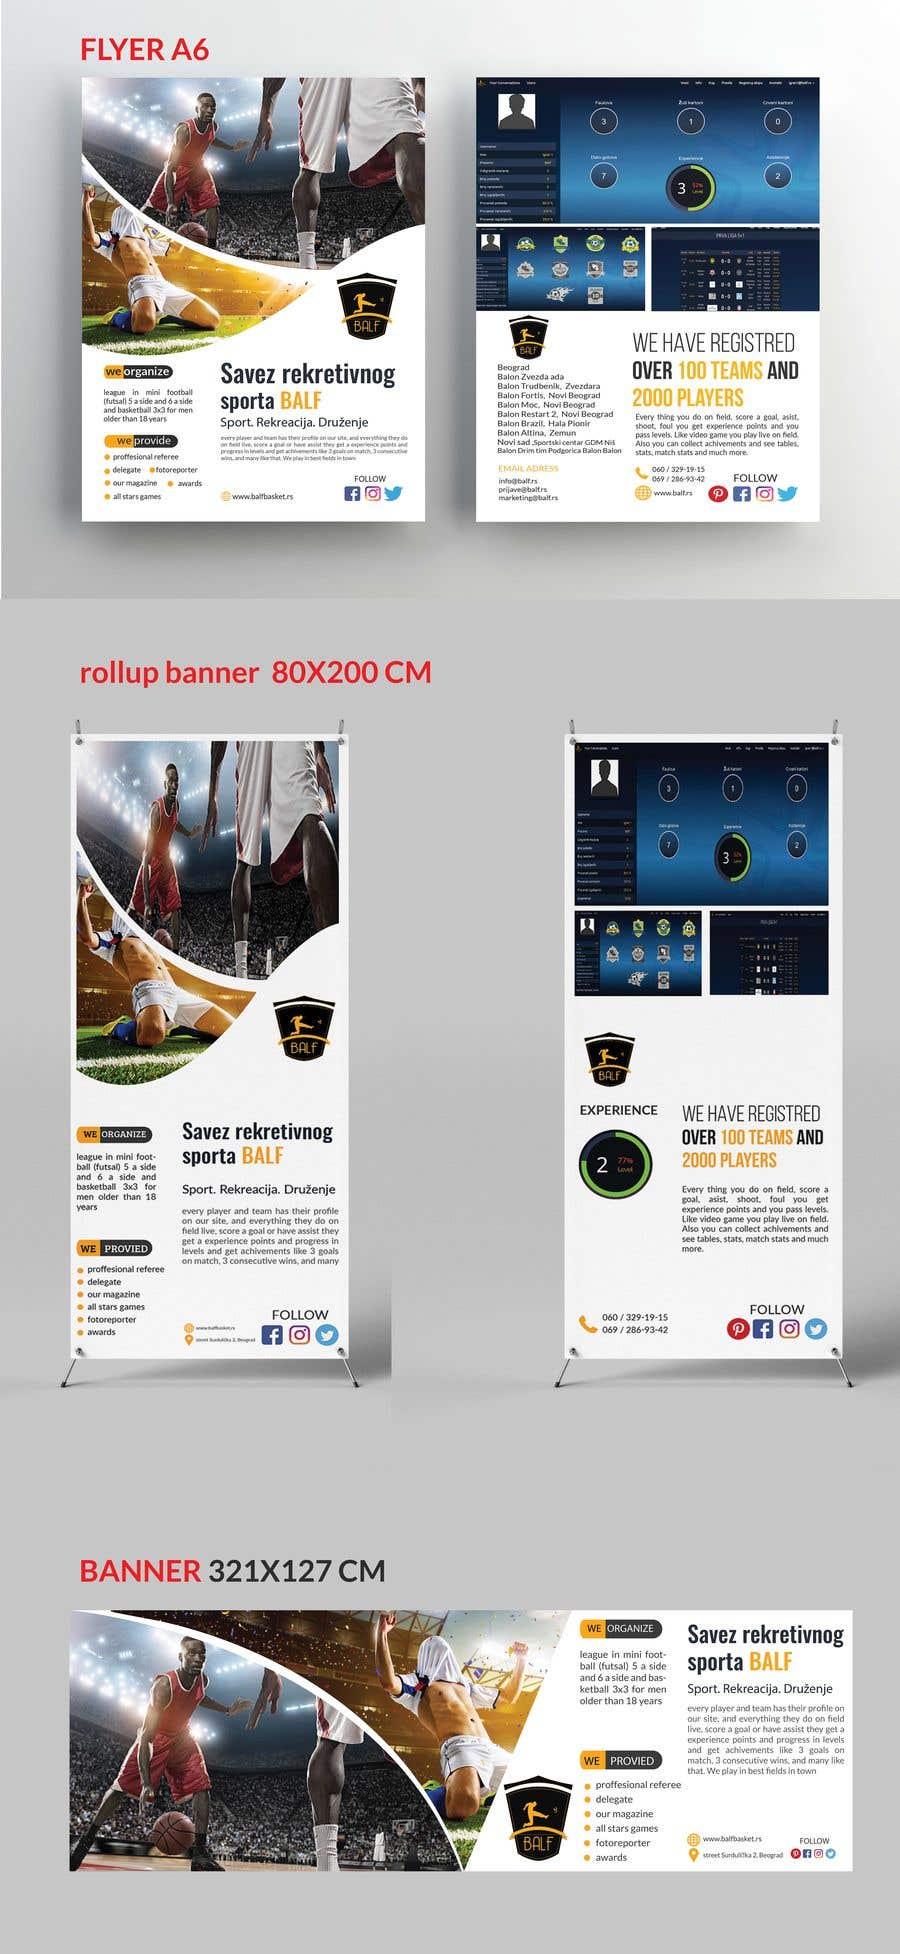 Konkurrenceindlæg #15 for Design a Banner, roll up and flyer